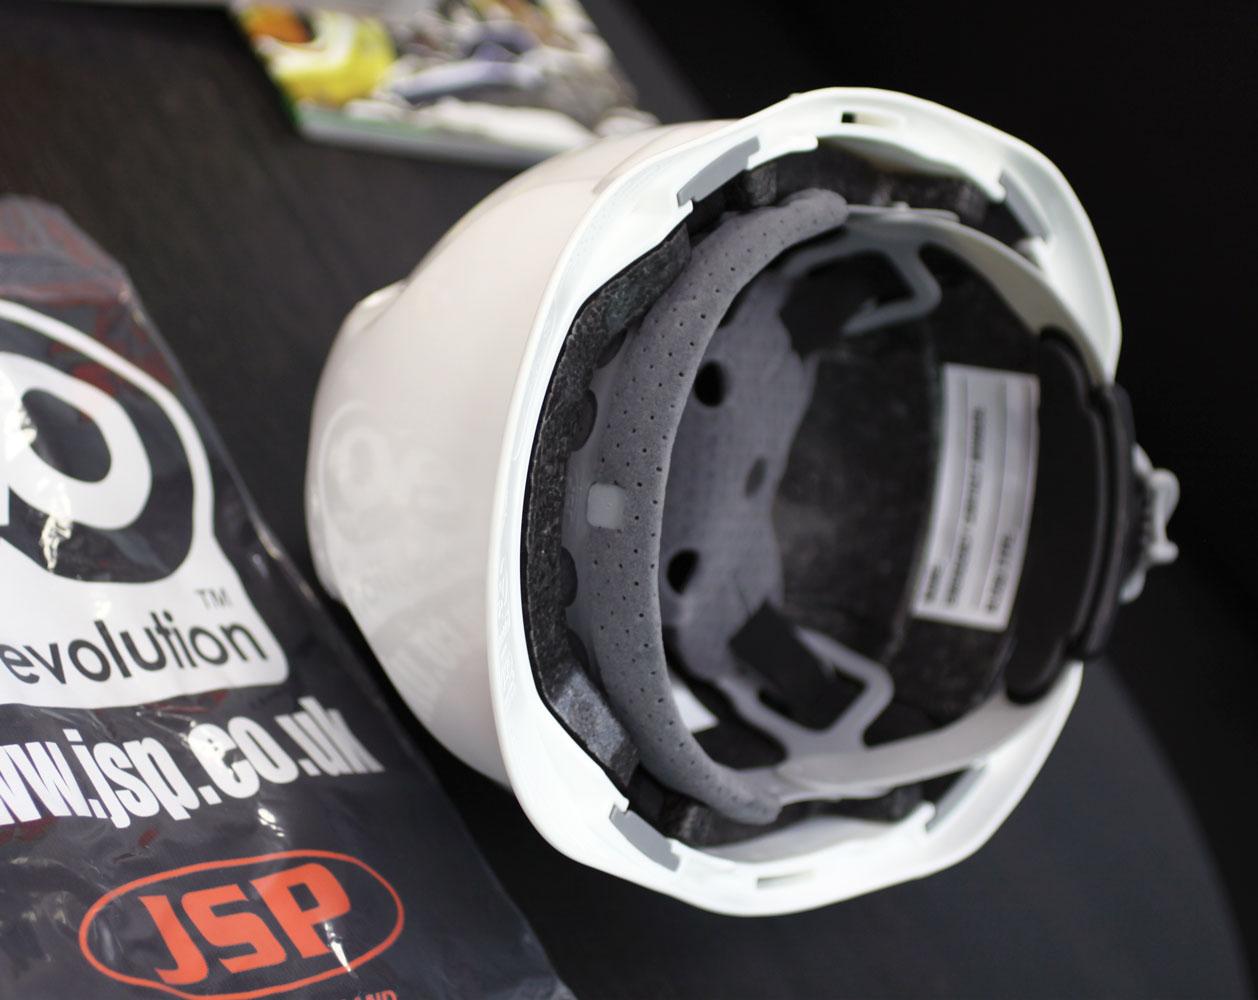 Макро фотография каски JSP MK-8 с фирменным пакетом